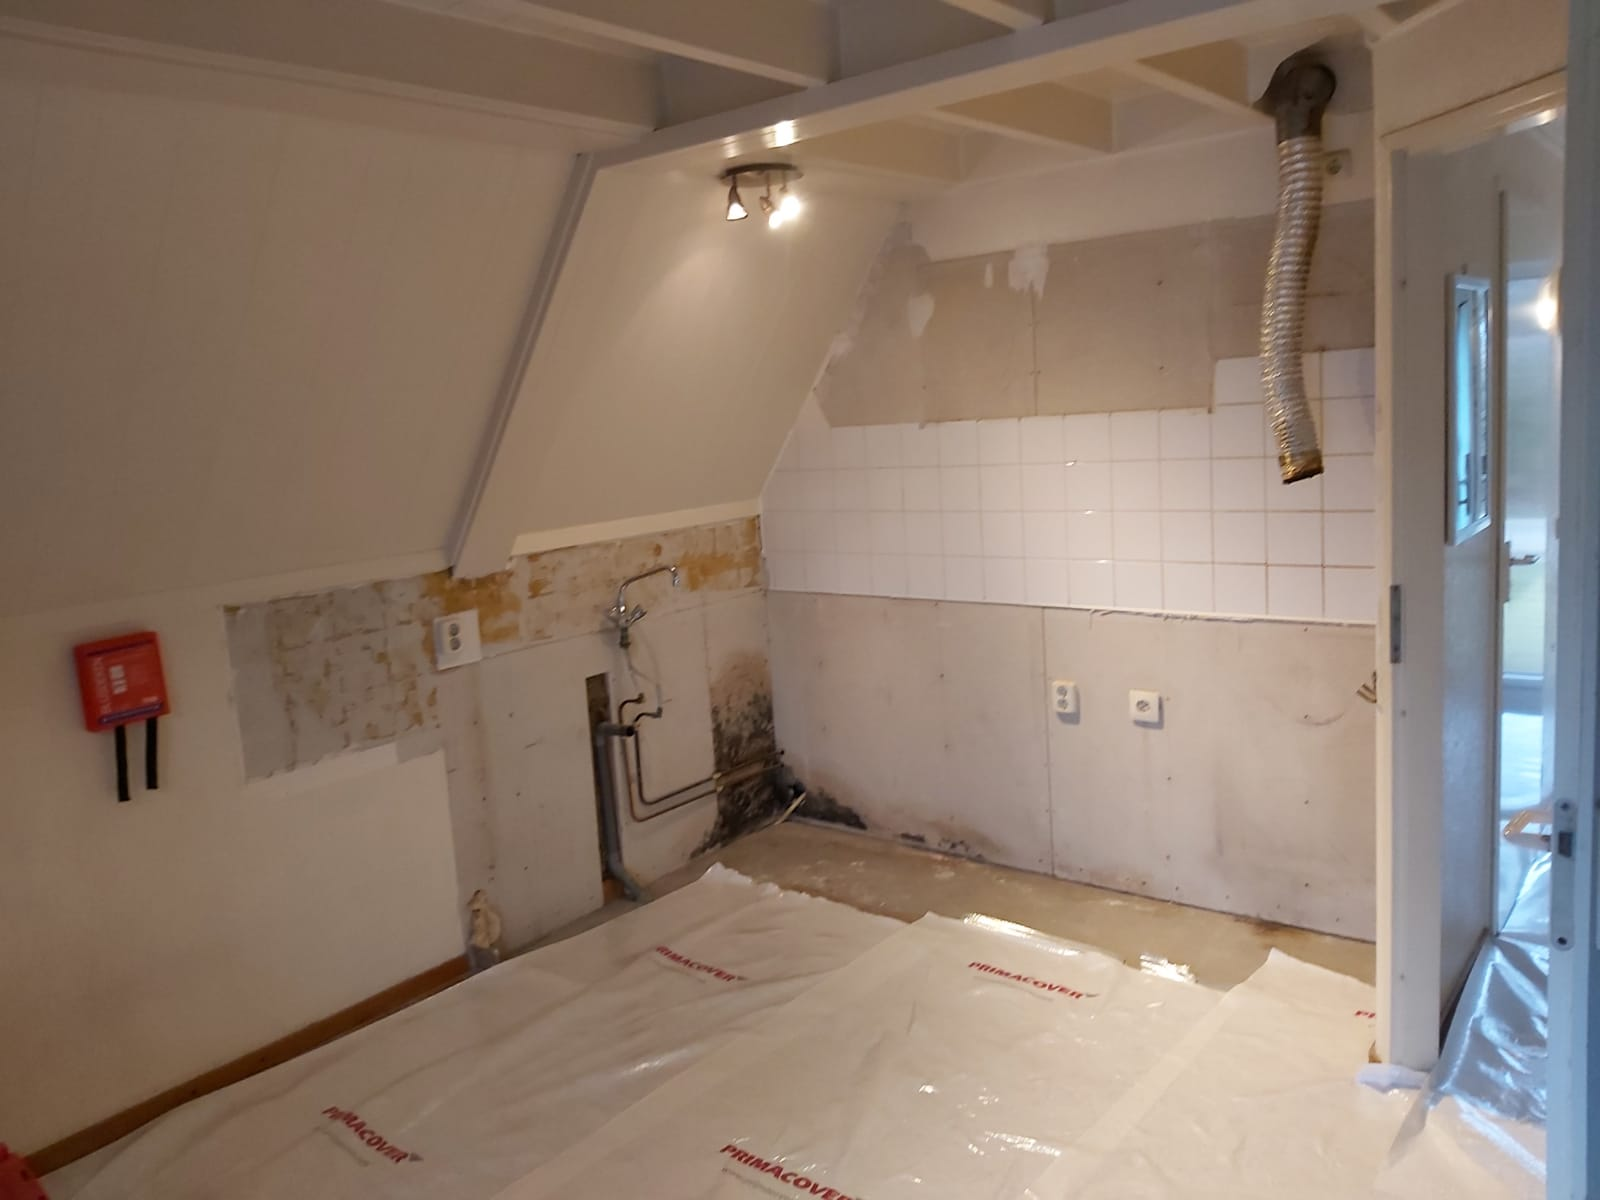 Installatiewerk - keuken